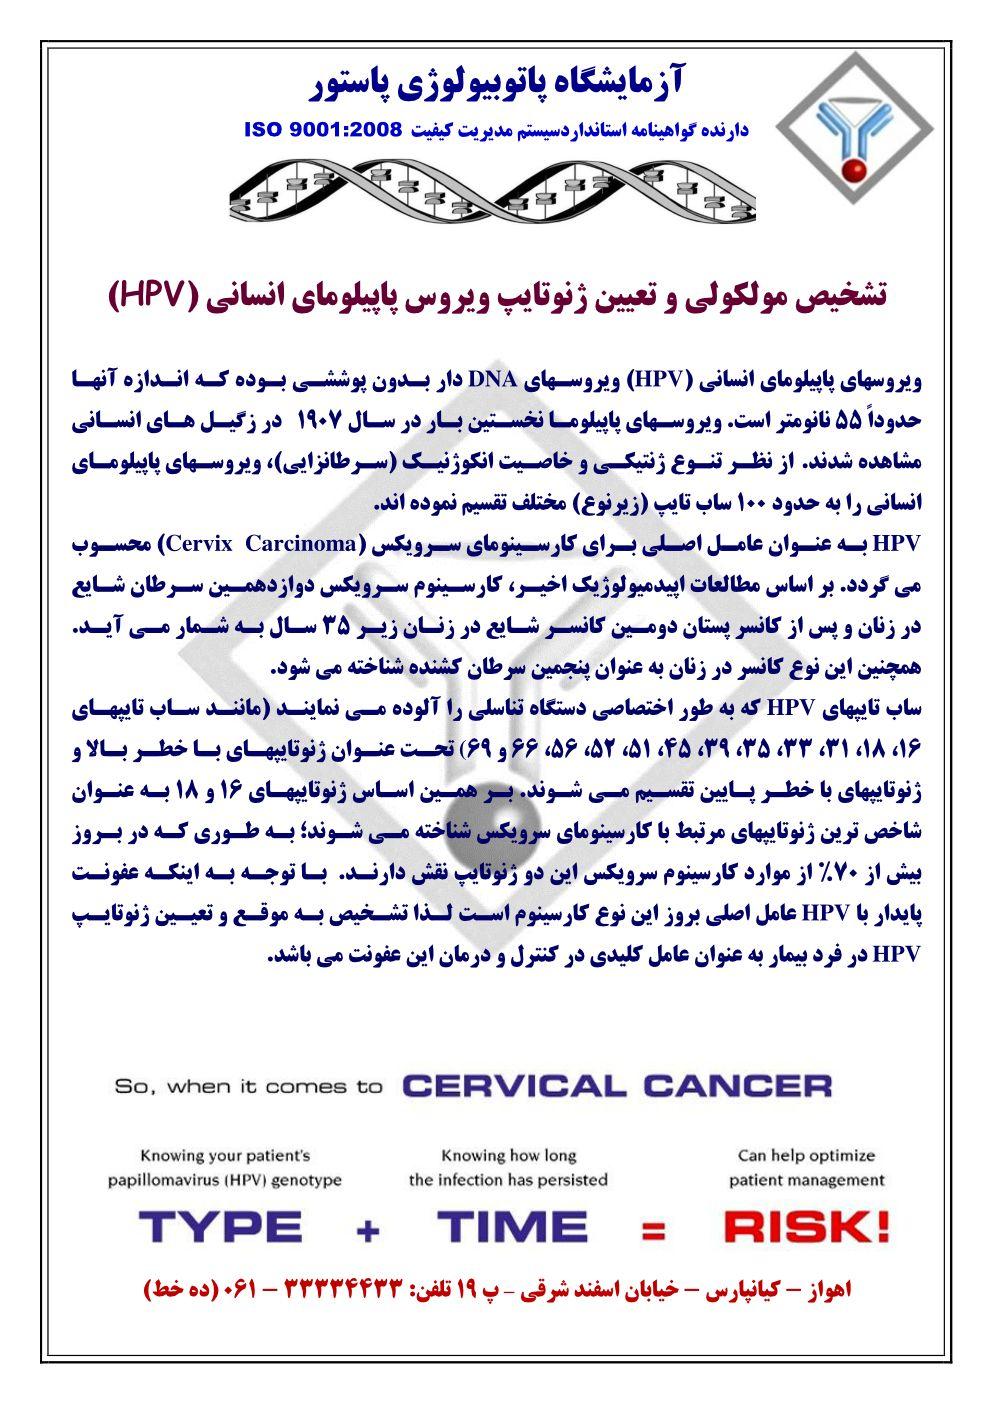 PL-HPV-AD-Assareh_1